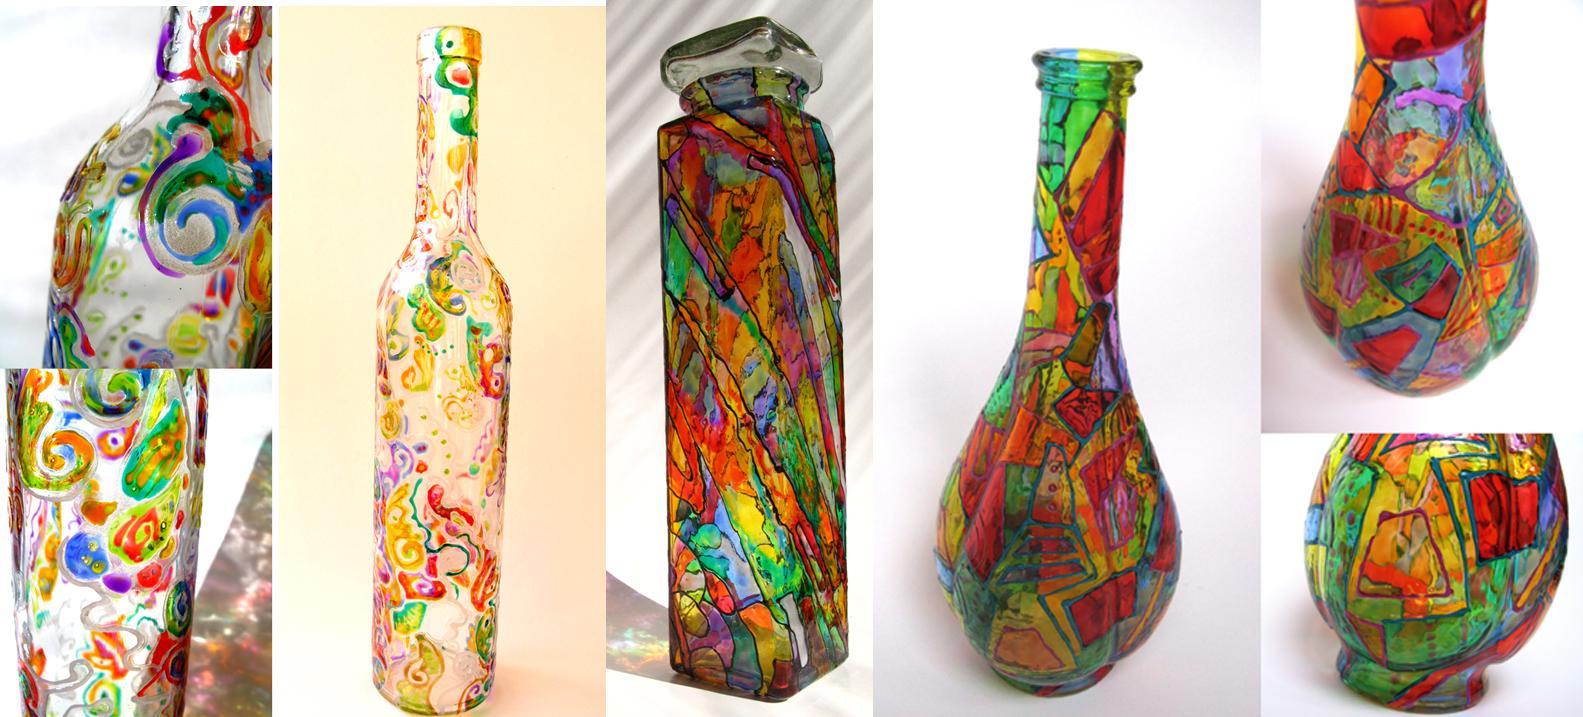 Botol hiasan cat berwarna